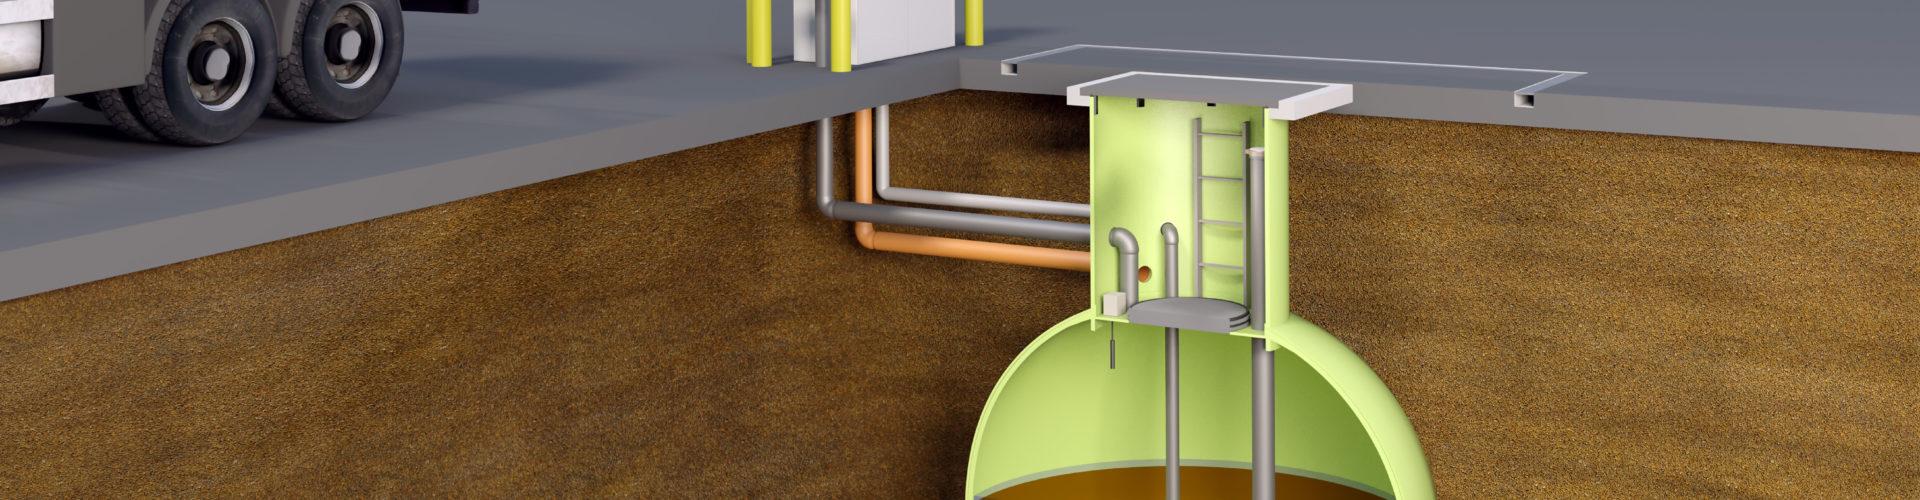 Unterirdischer Haase-Kugeltank aus GFK zur sicheren Lagerung wassergefährdender Flüssigkeiten